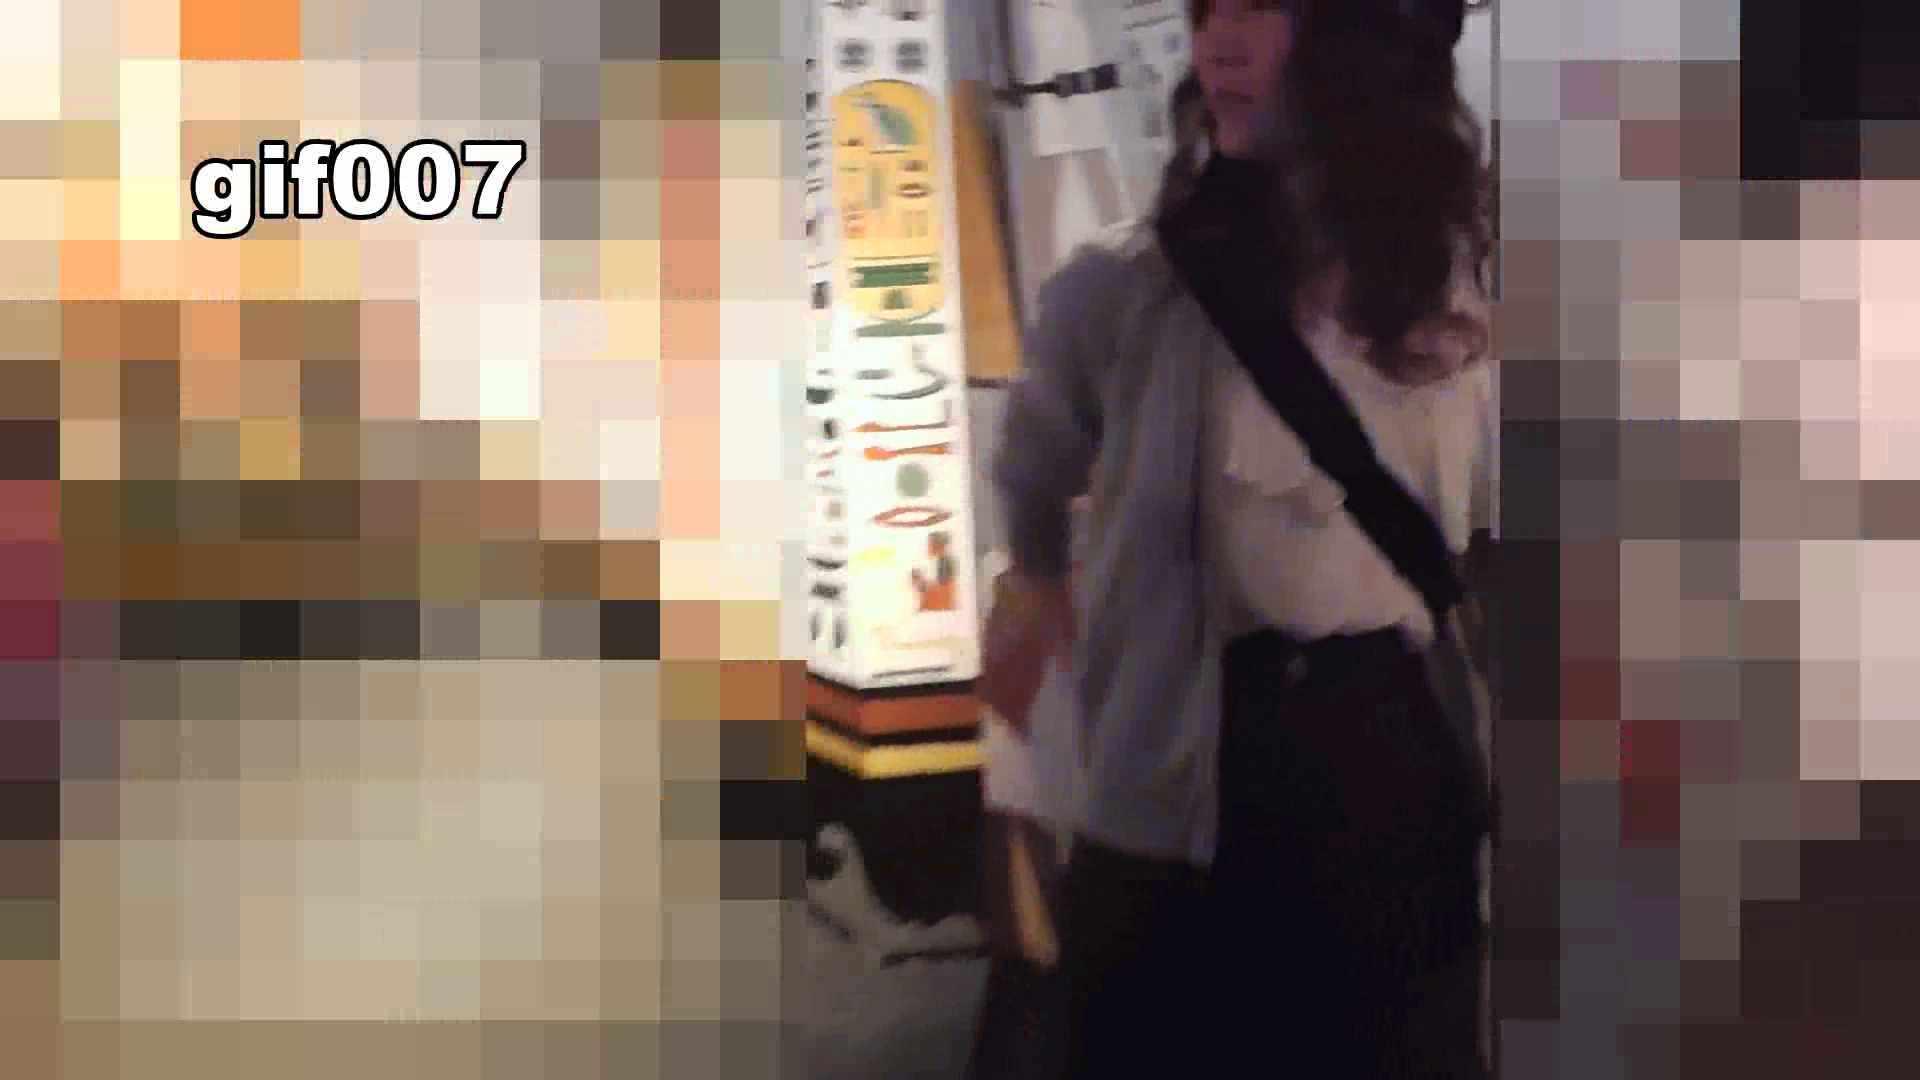 美女詰め合わせギフトvol.07 ようこそ幻想の世界へ OLハメ撮り  43Pix 14